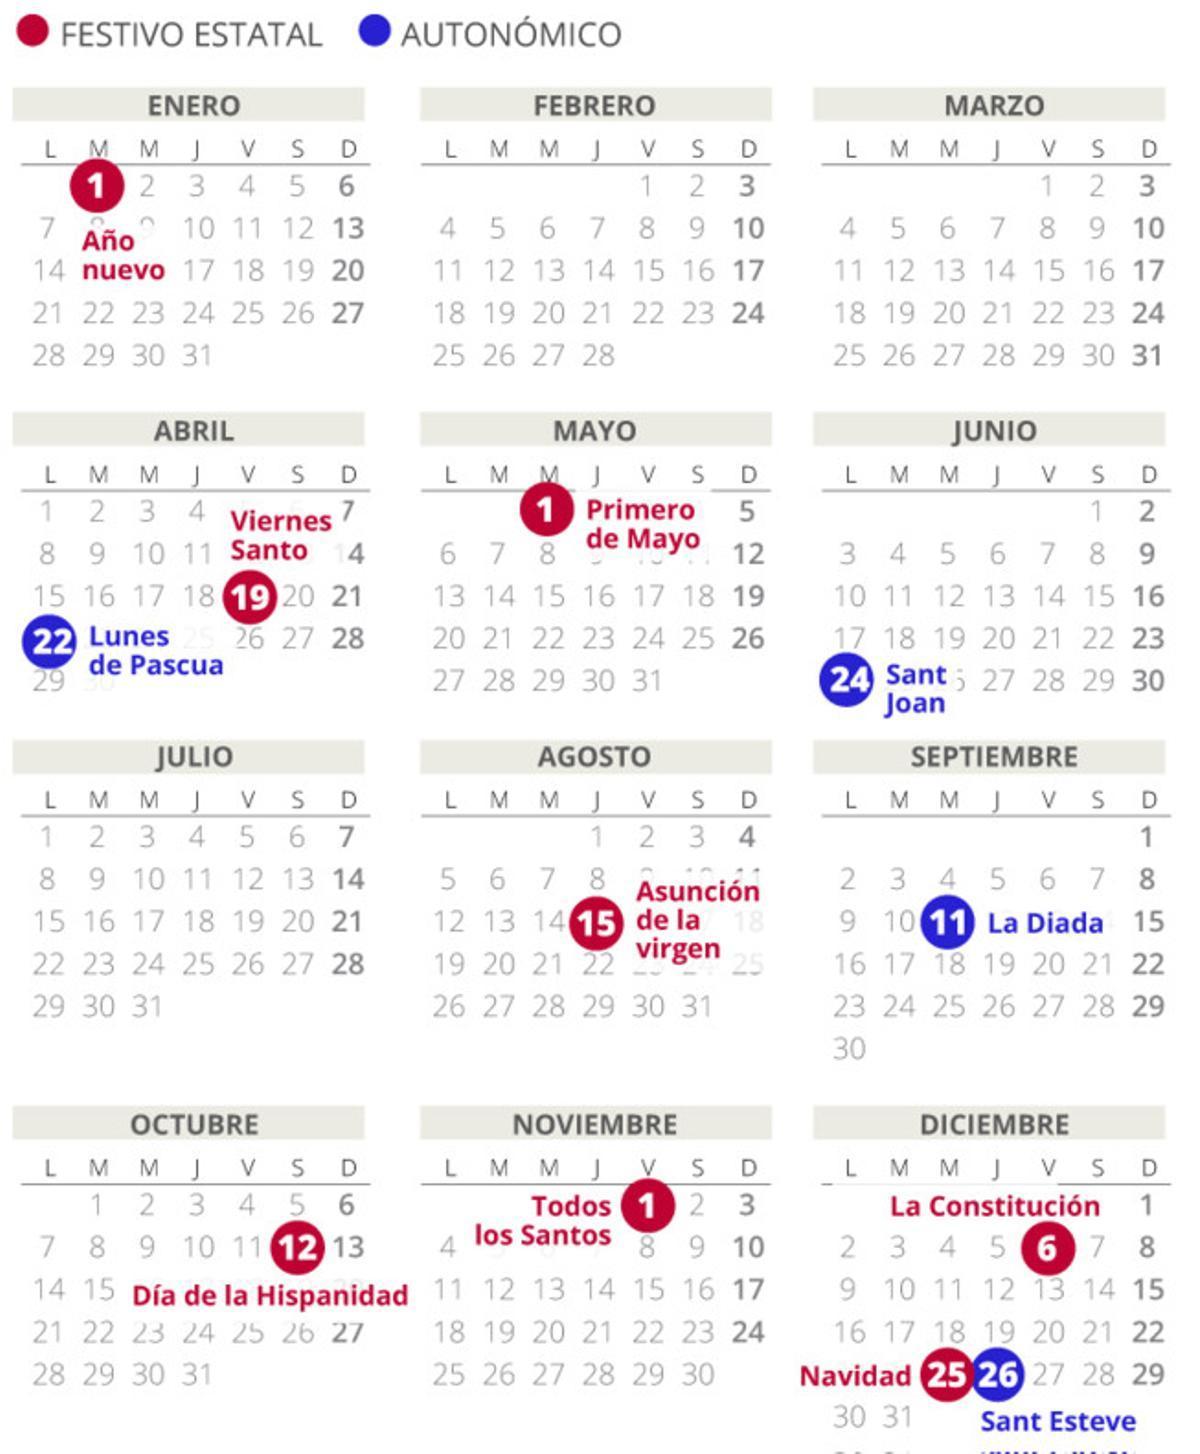 Calendario laboral del 2019 en Catalunya